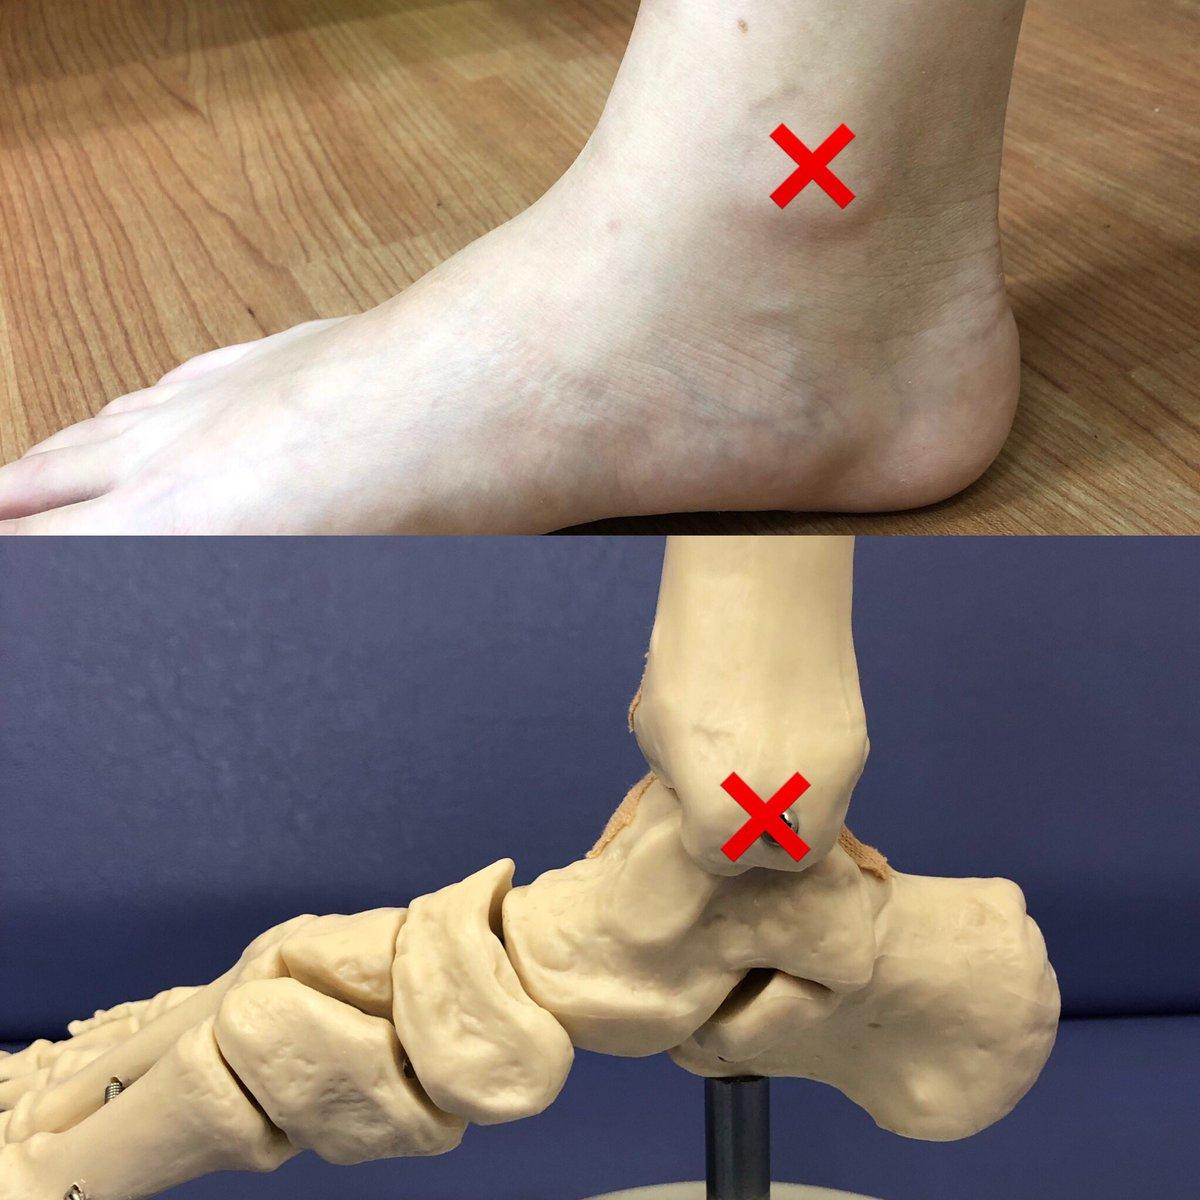 疲労 骨折 足首 疲労骨折の初期症状とは?スポーツ選手に見る7つの特徴